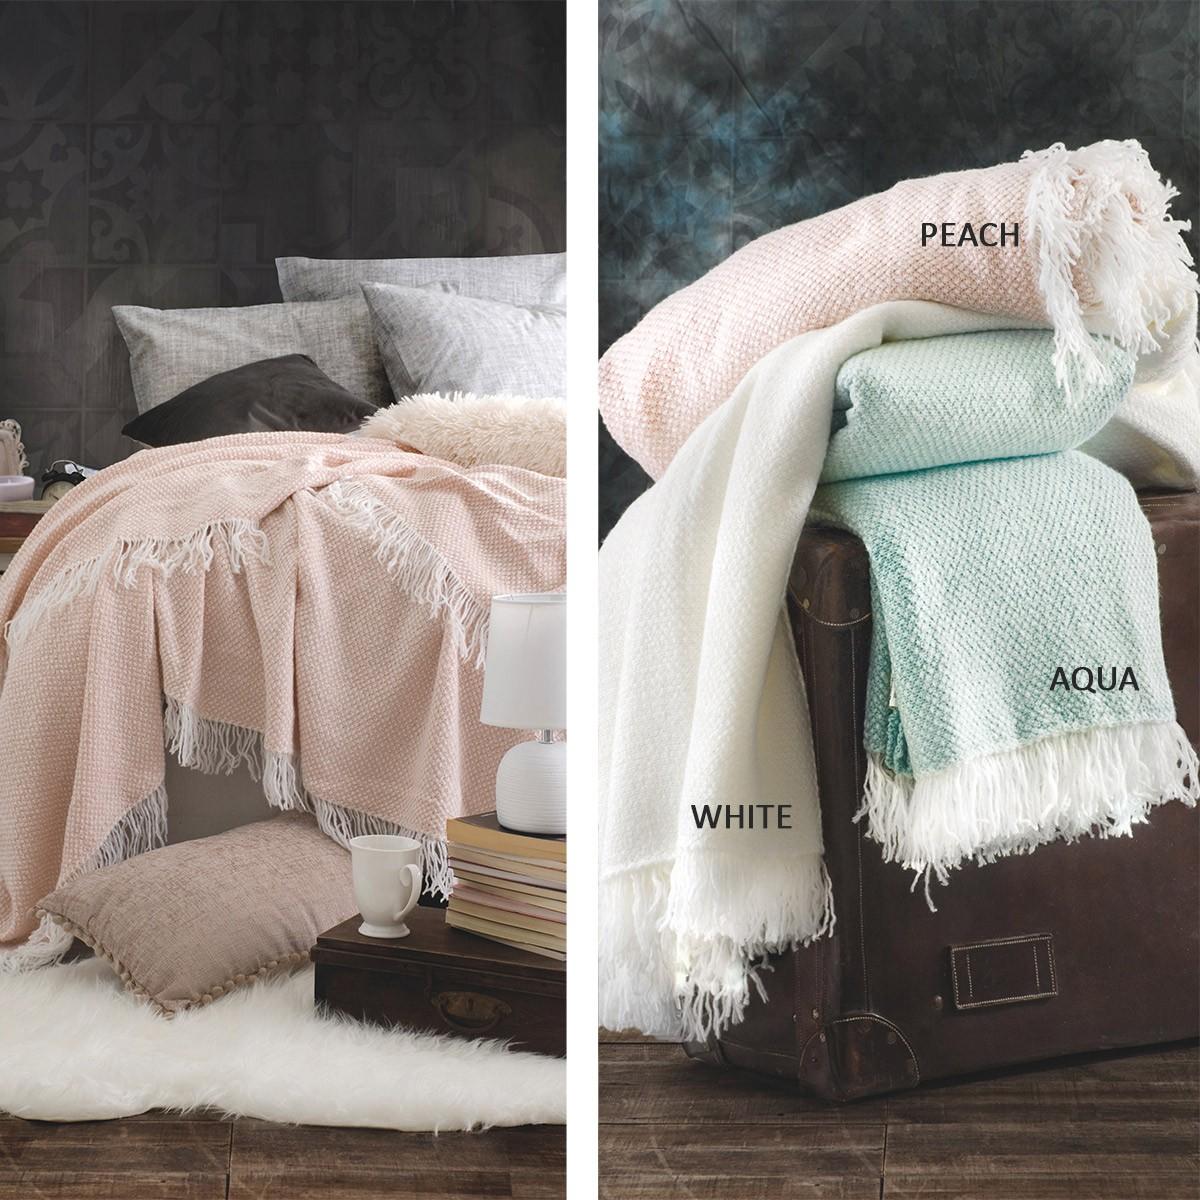 Κουβέρτα Πλεκτή Υπέρδιπλη Rythmos Rebecca home   κρεβατοκάμαρα   κουβέρτες   κουβέρτες πλεκτές